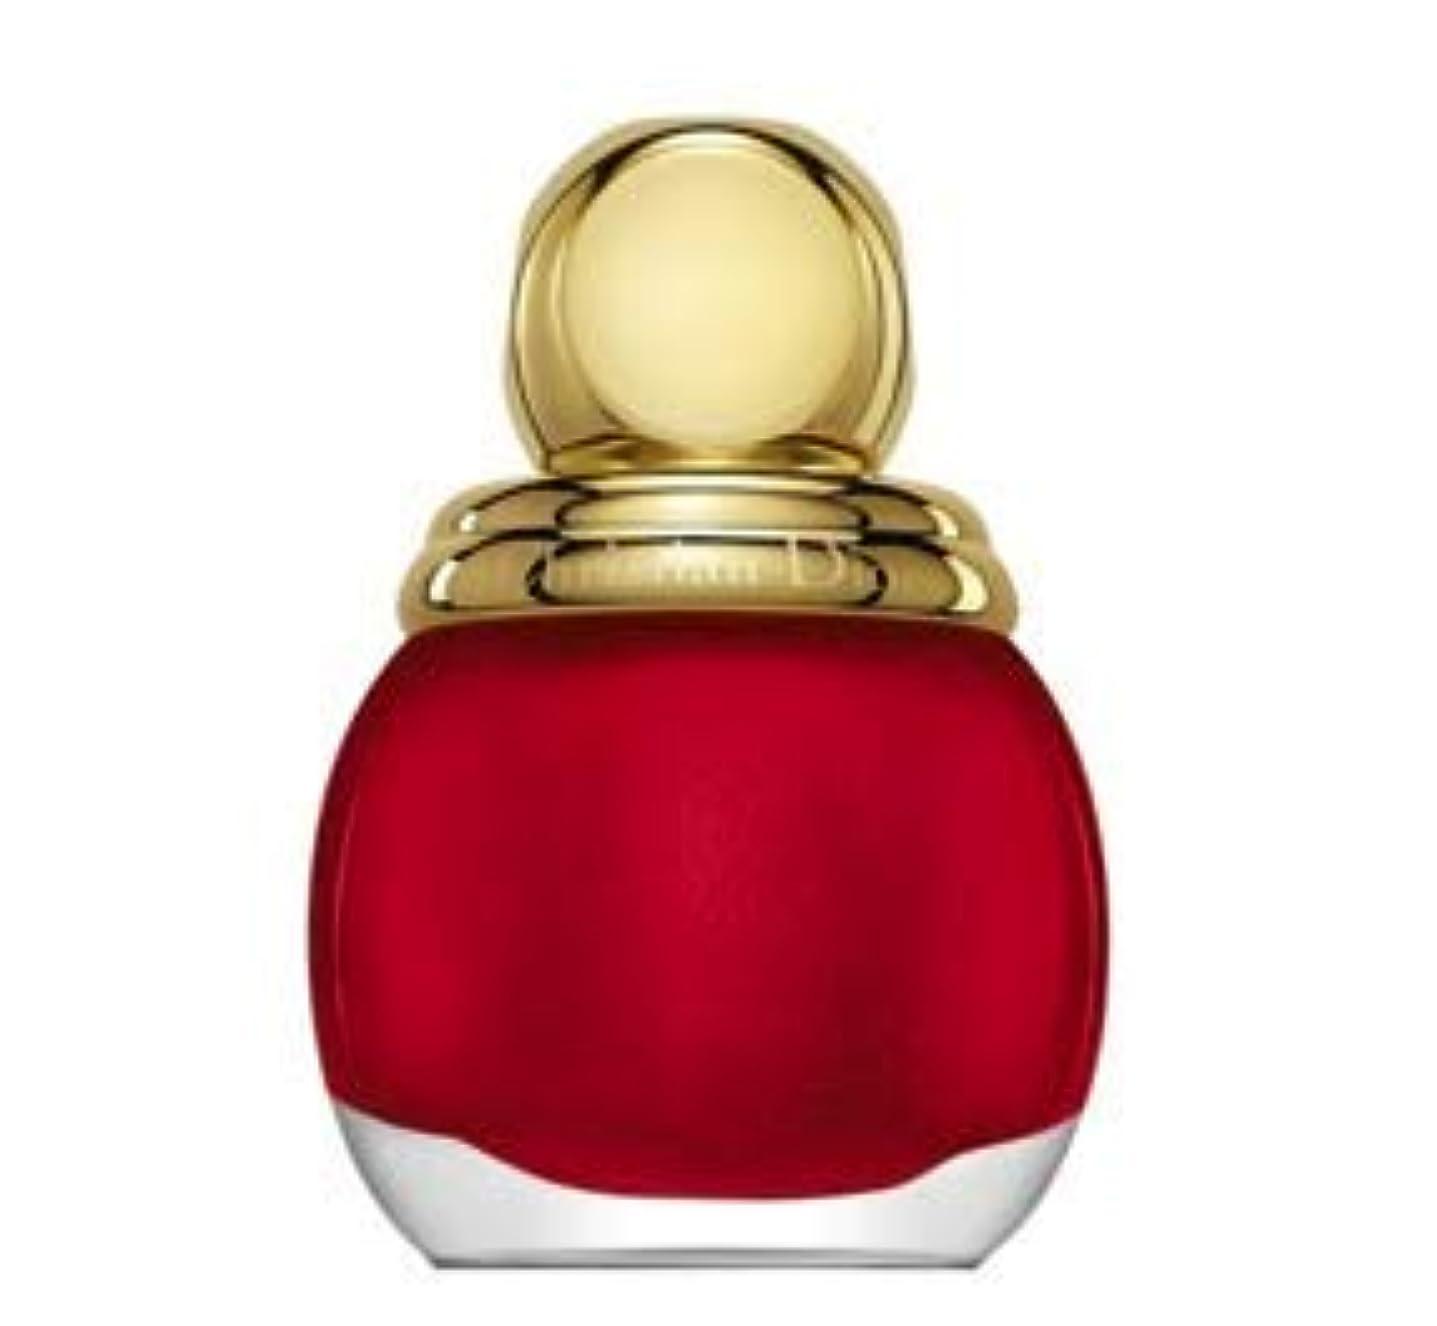 費用貫入記念Dior(ディオール)ディオリフィック <ハッピー2020> (766パッション) [並行輸入品]